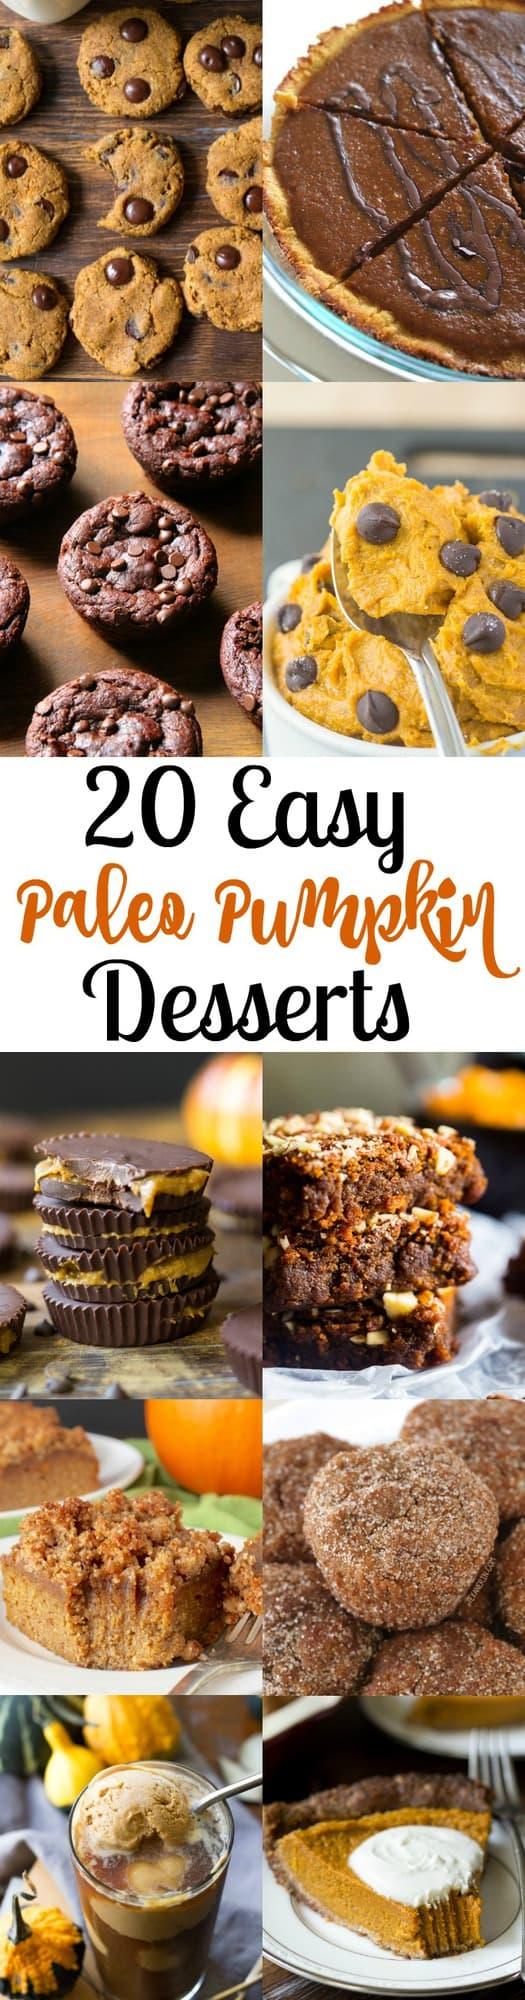 20-easy-paleo-pumpkin-desserts